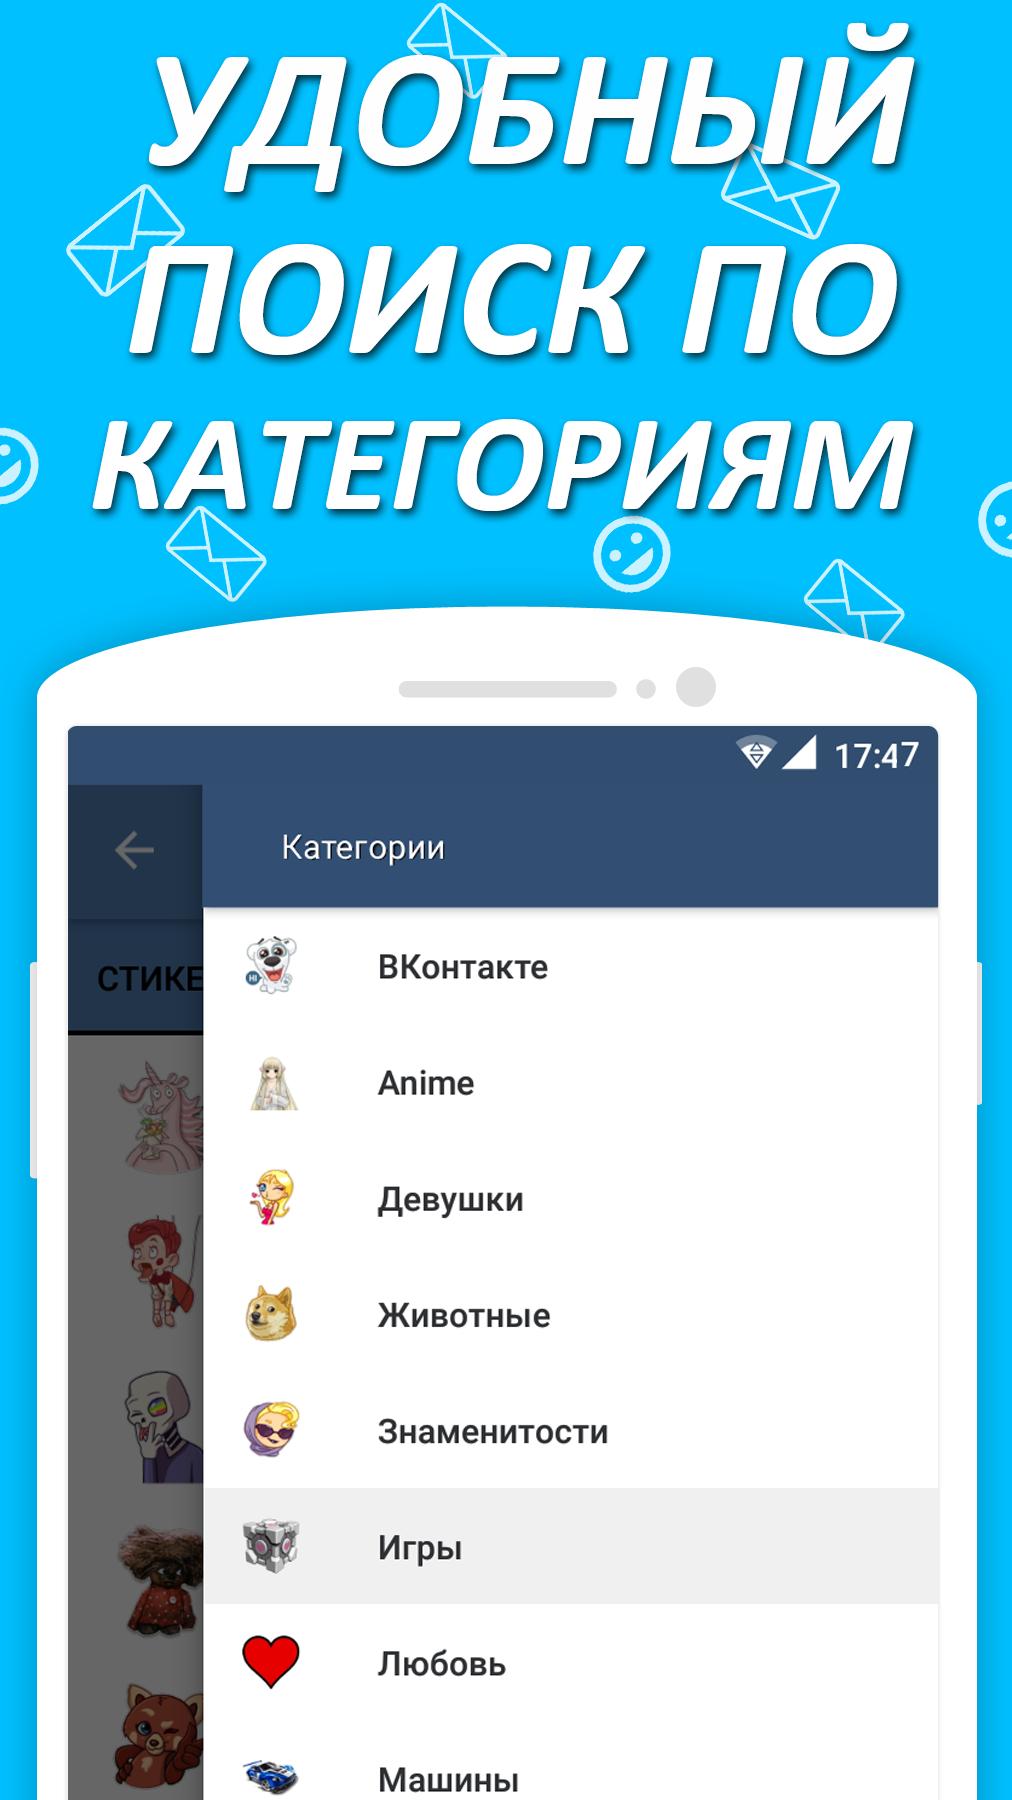 интересные приложения вконтакте для знакомства